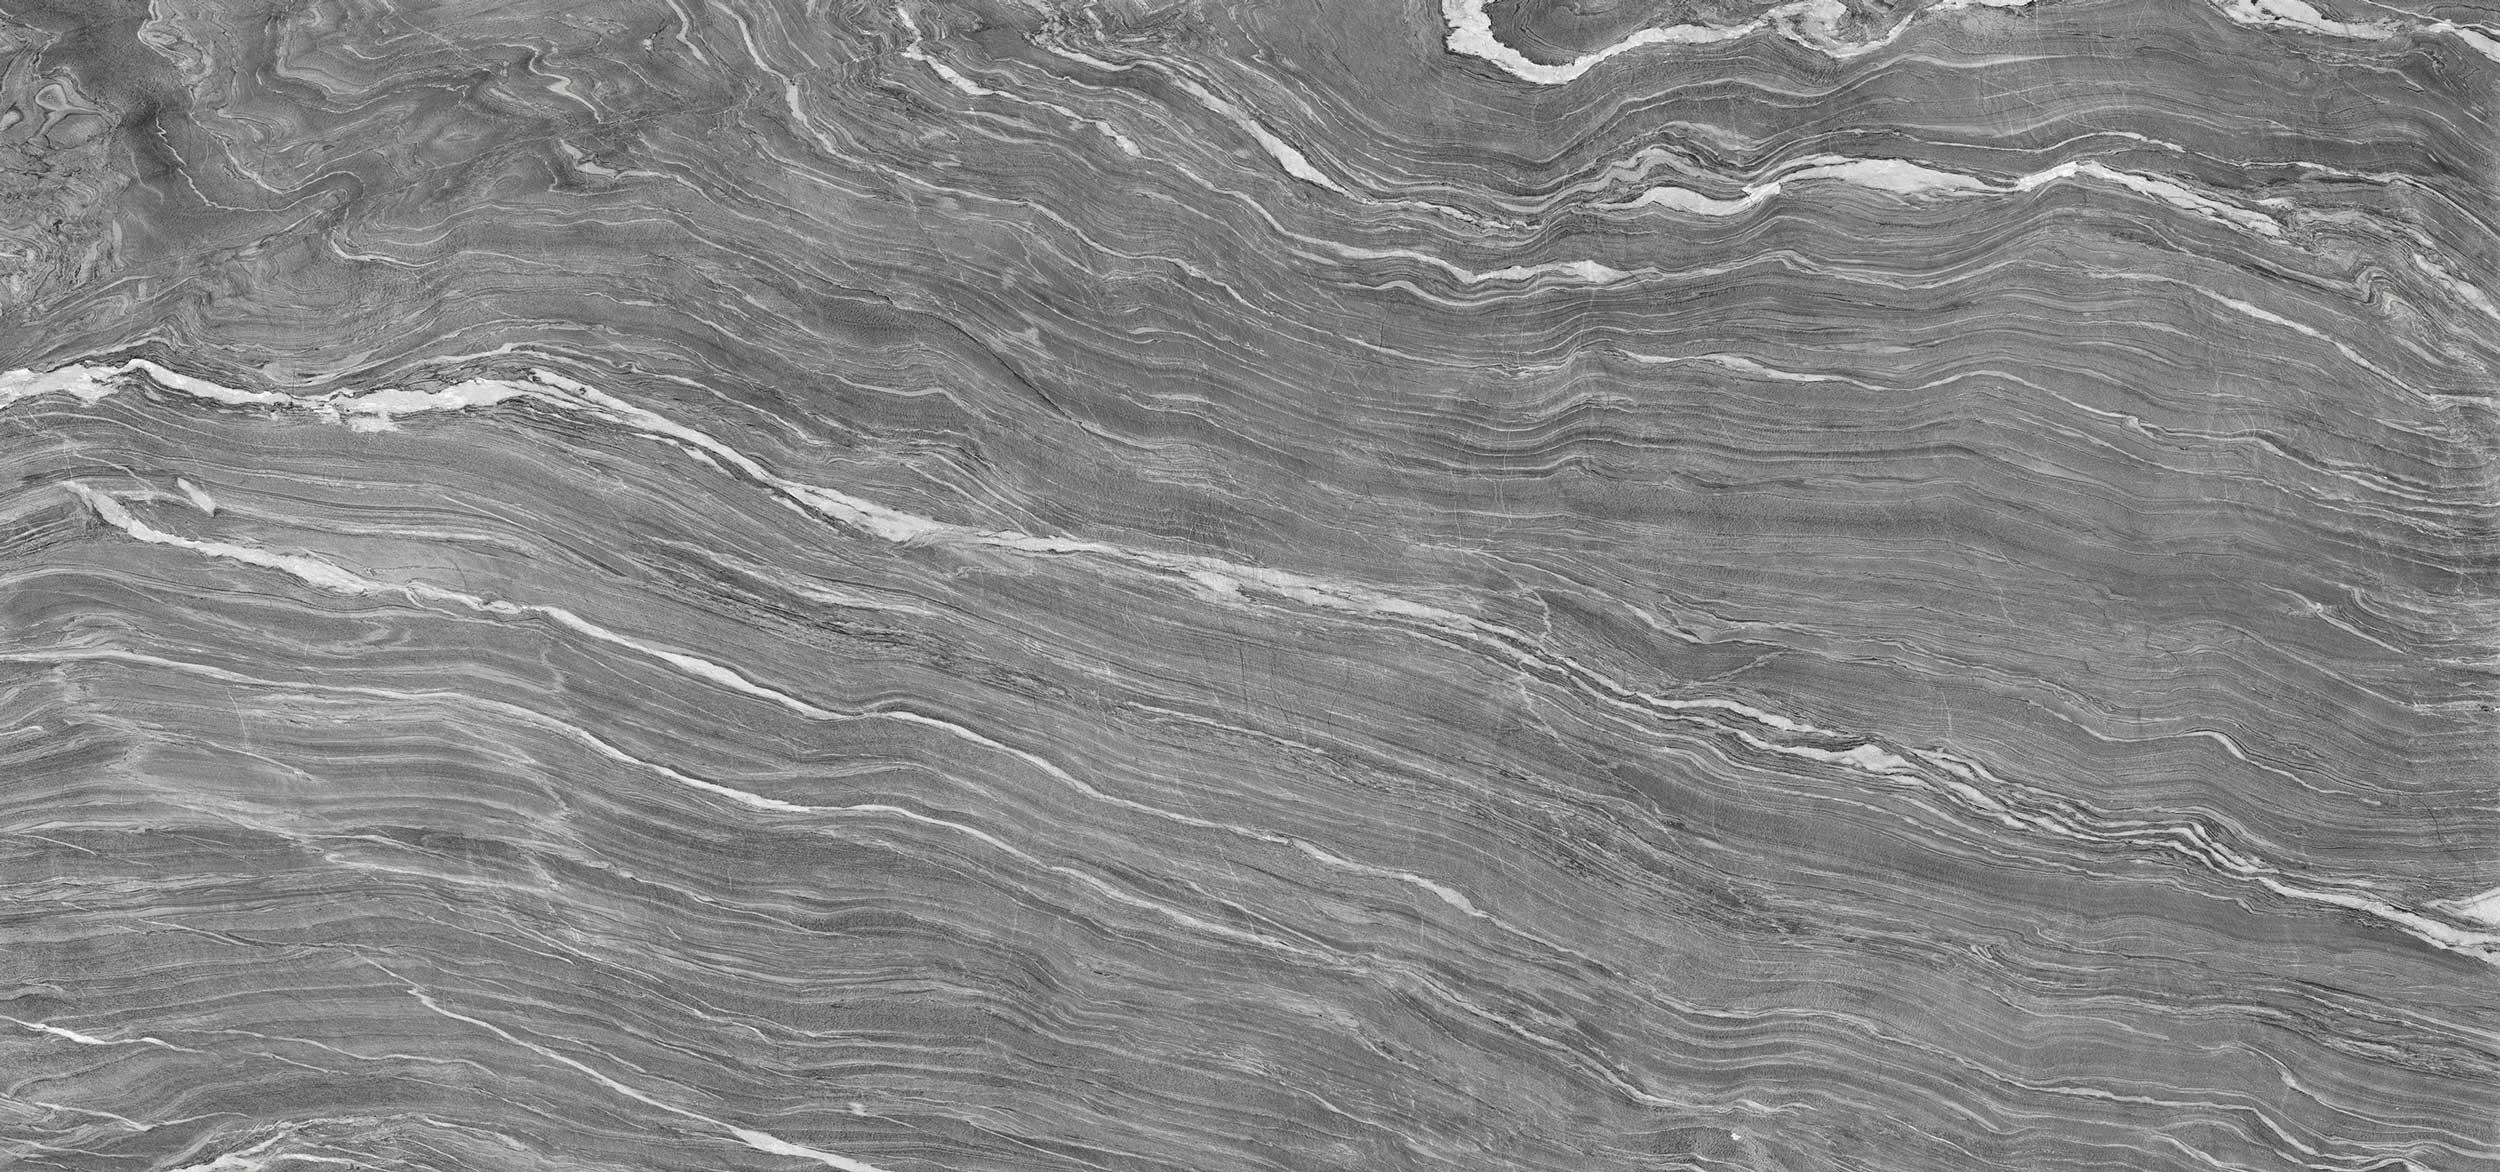 neolith-mar-del-plata.jpg